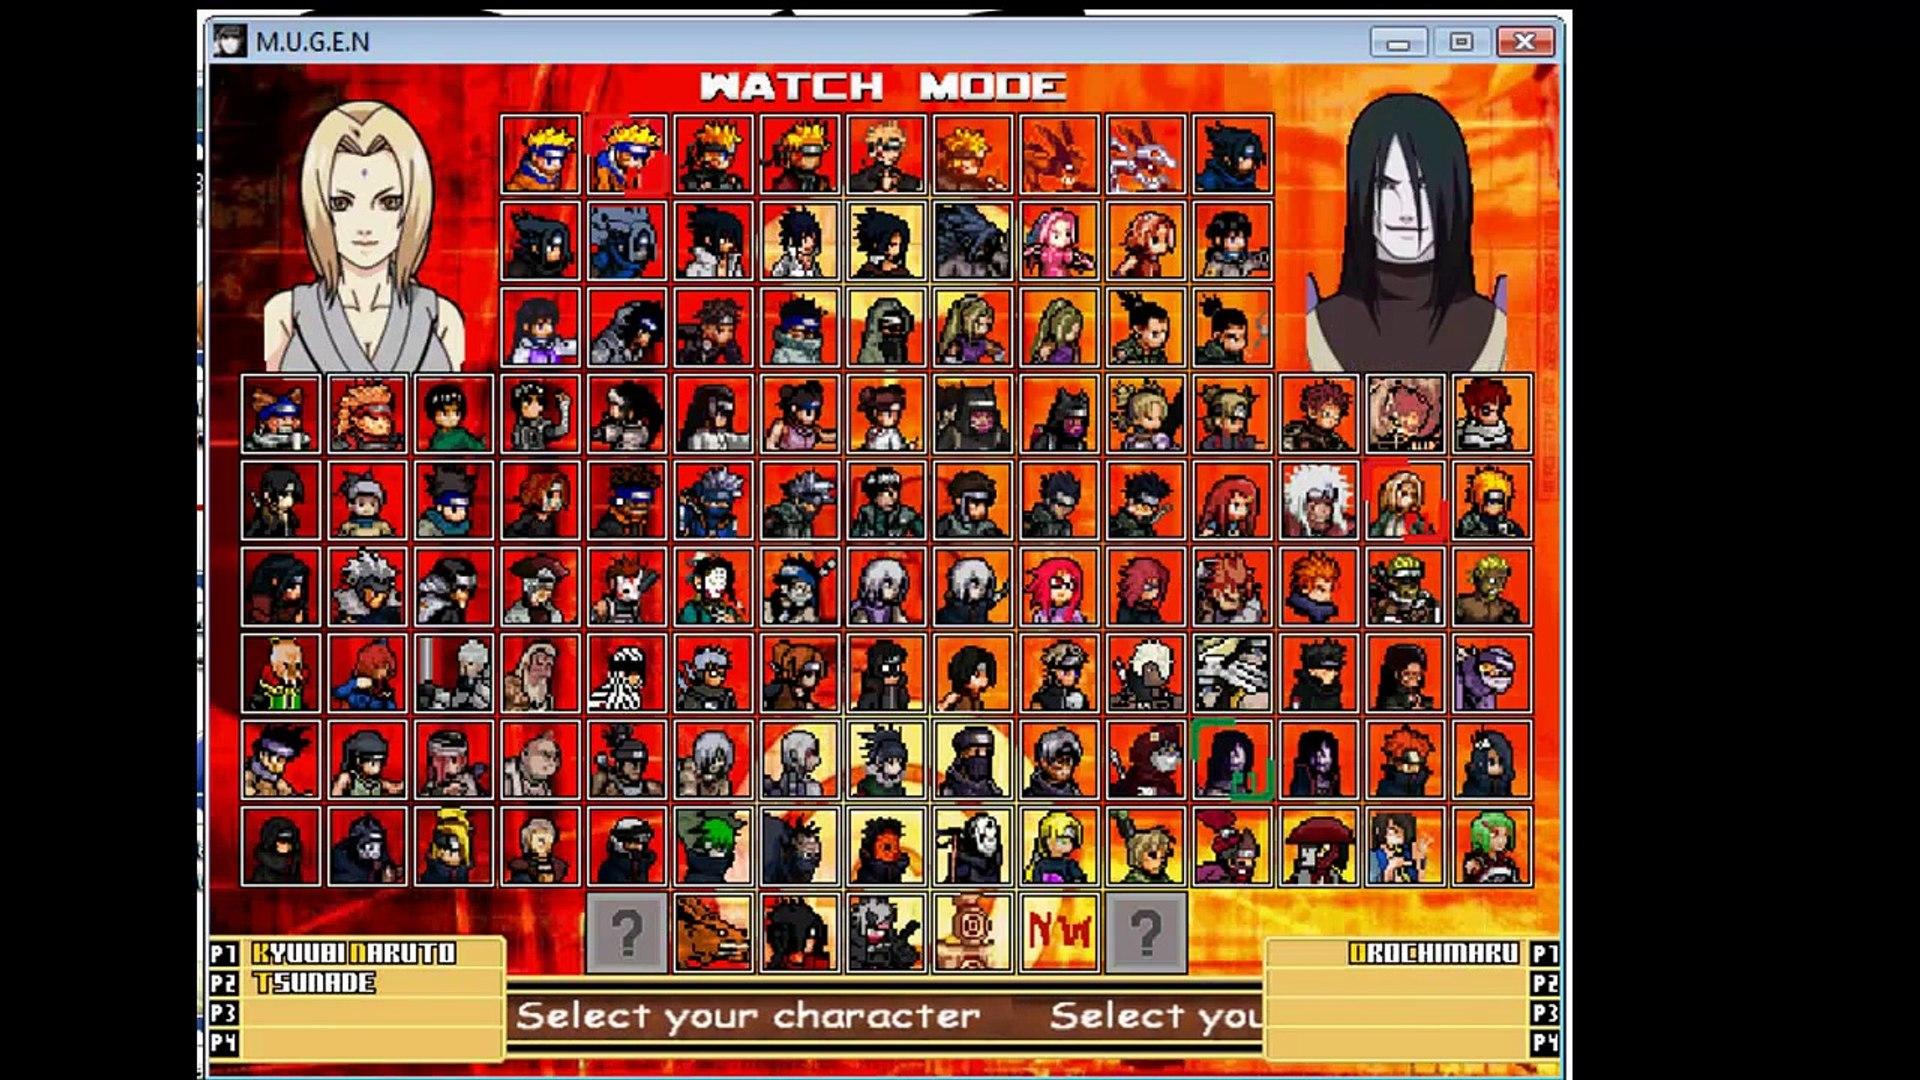 Naruto Mugen Gameplay: Kyuubi Naruto & Tsunade VS Orochimaru & Kabuto